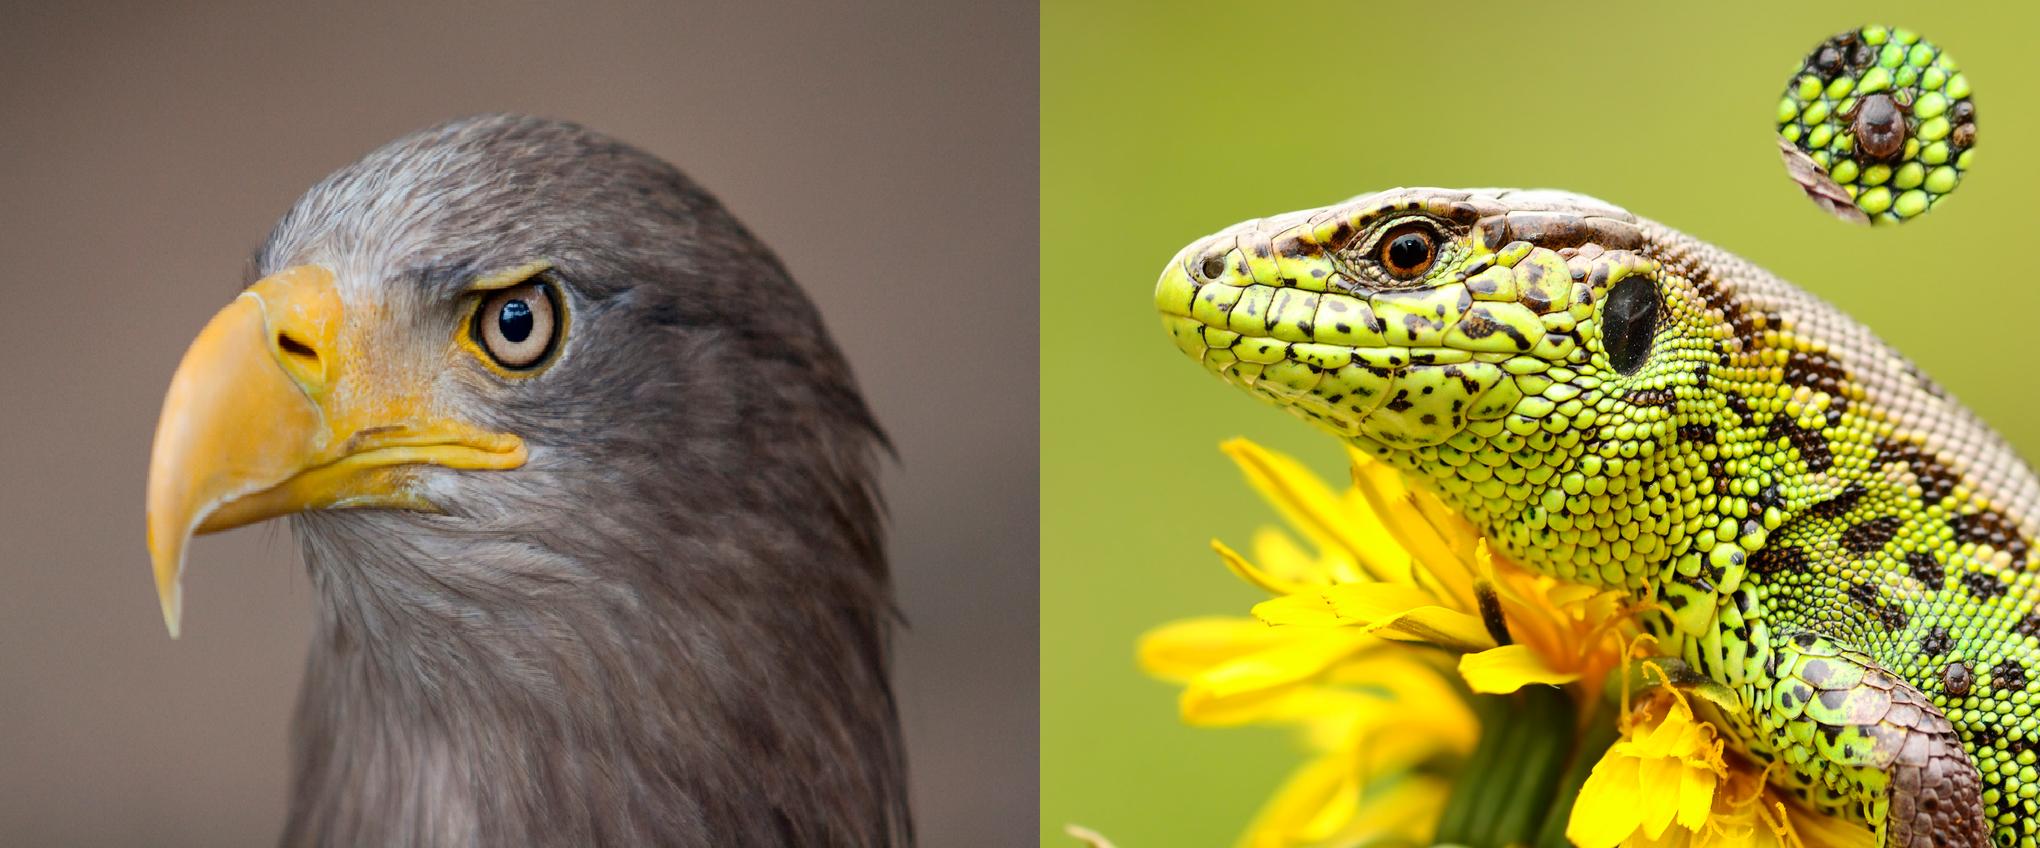 Основные отличия птиц от рептилий